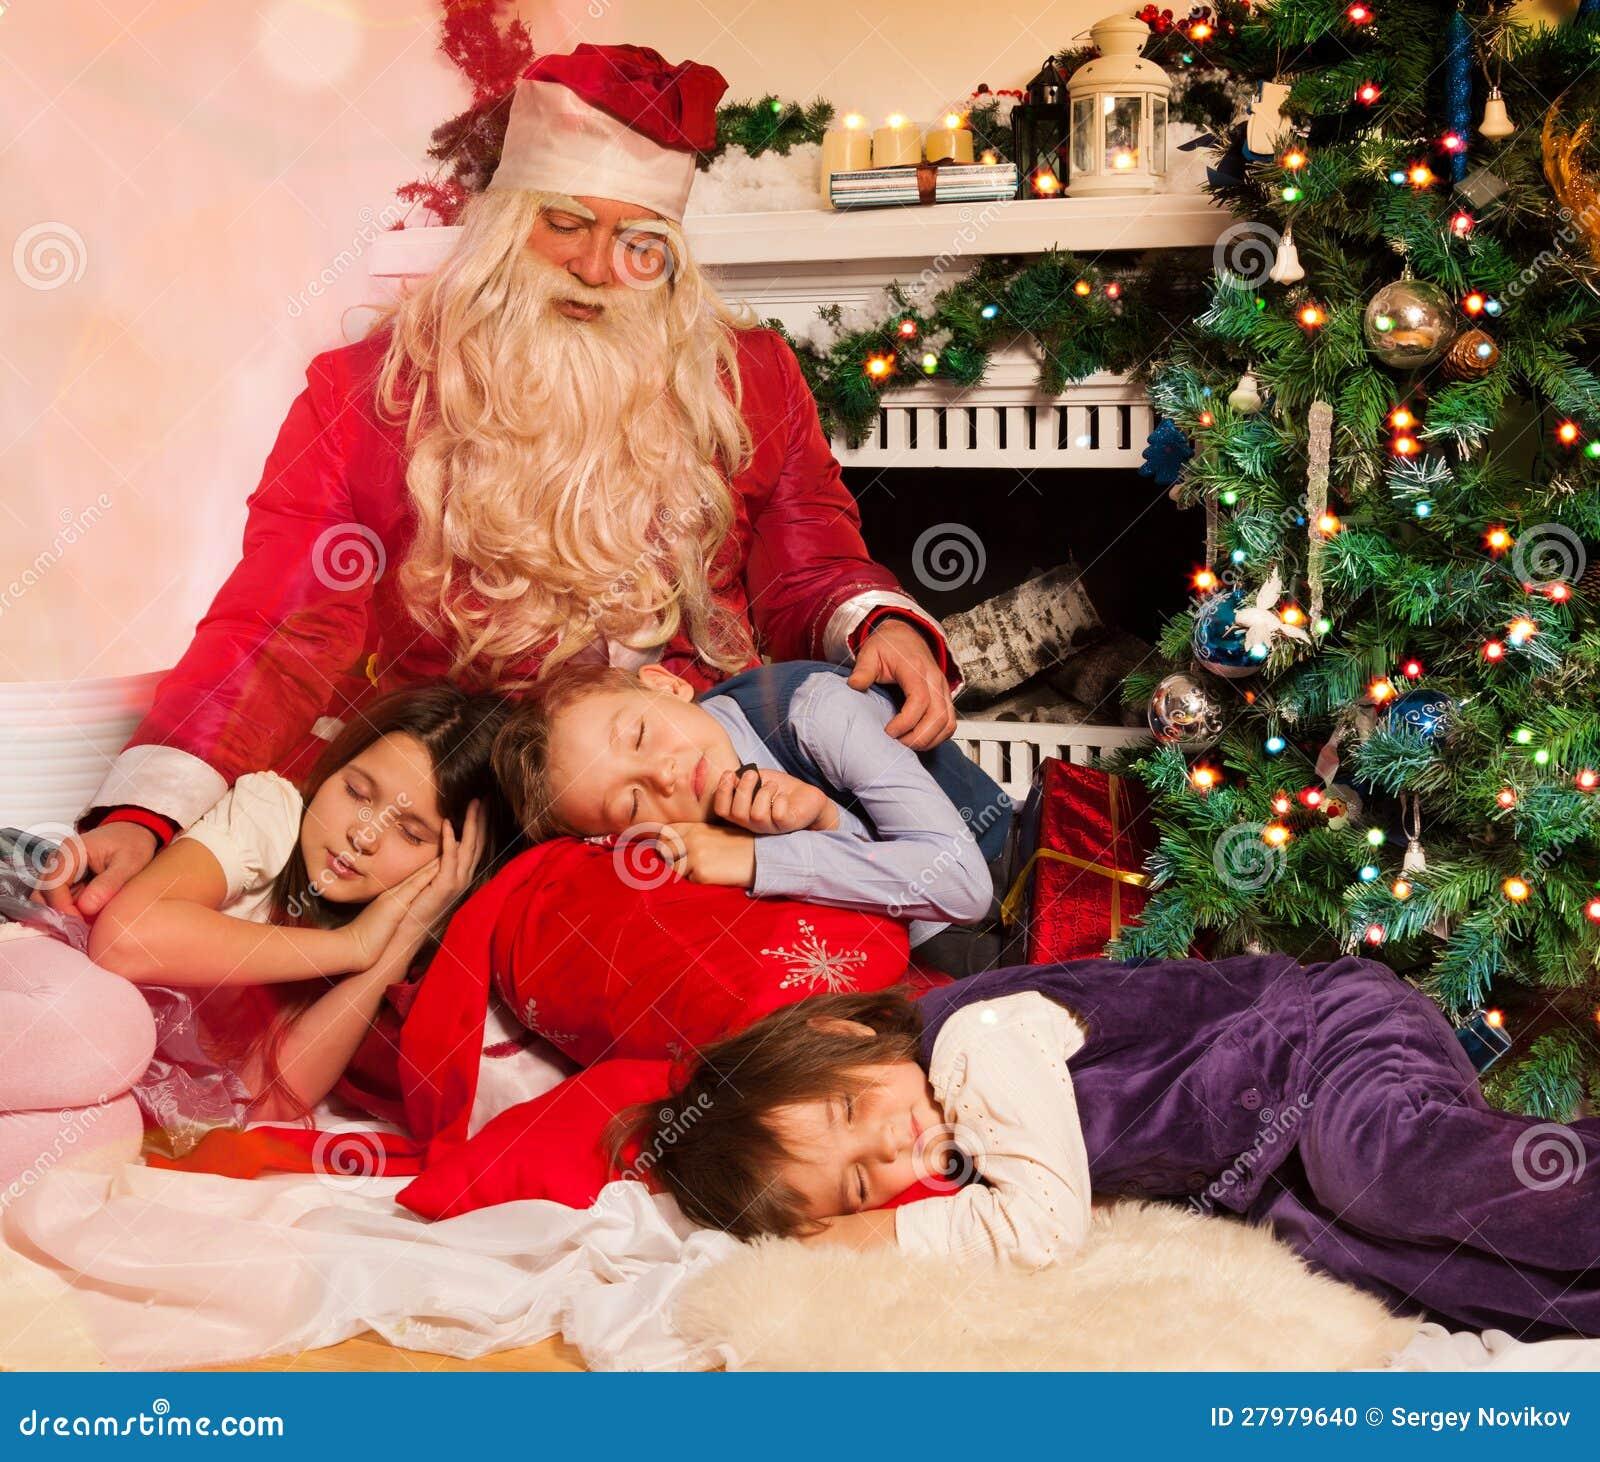 Weihnachtsmann und schlafende kinder nahe verzierten baum und kamin